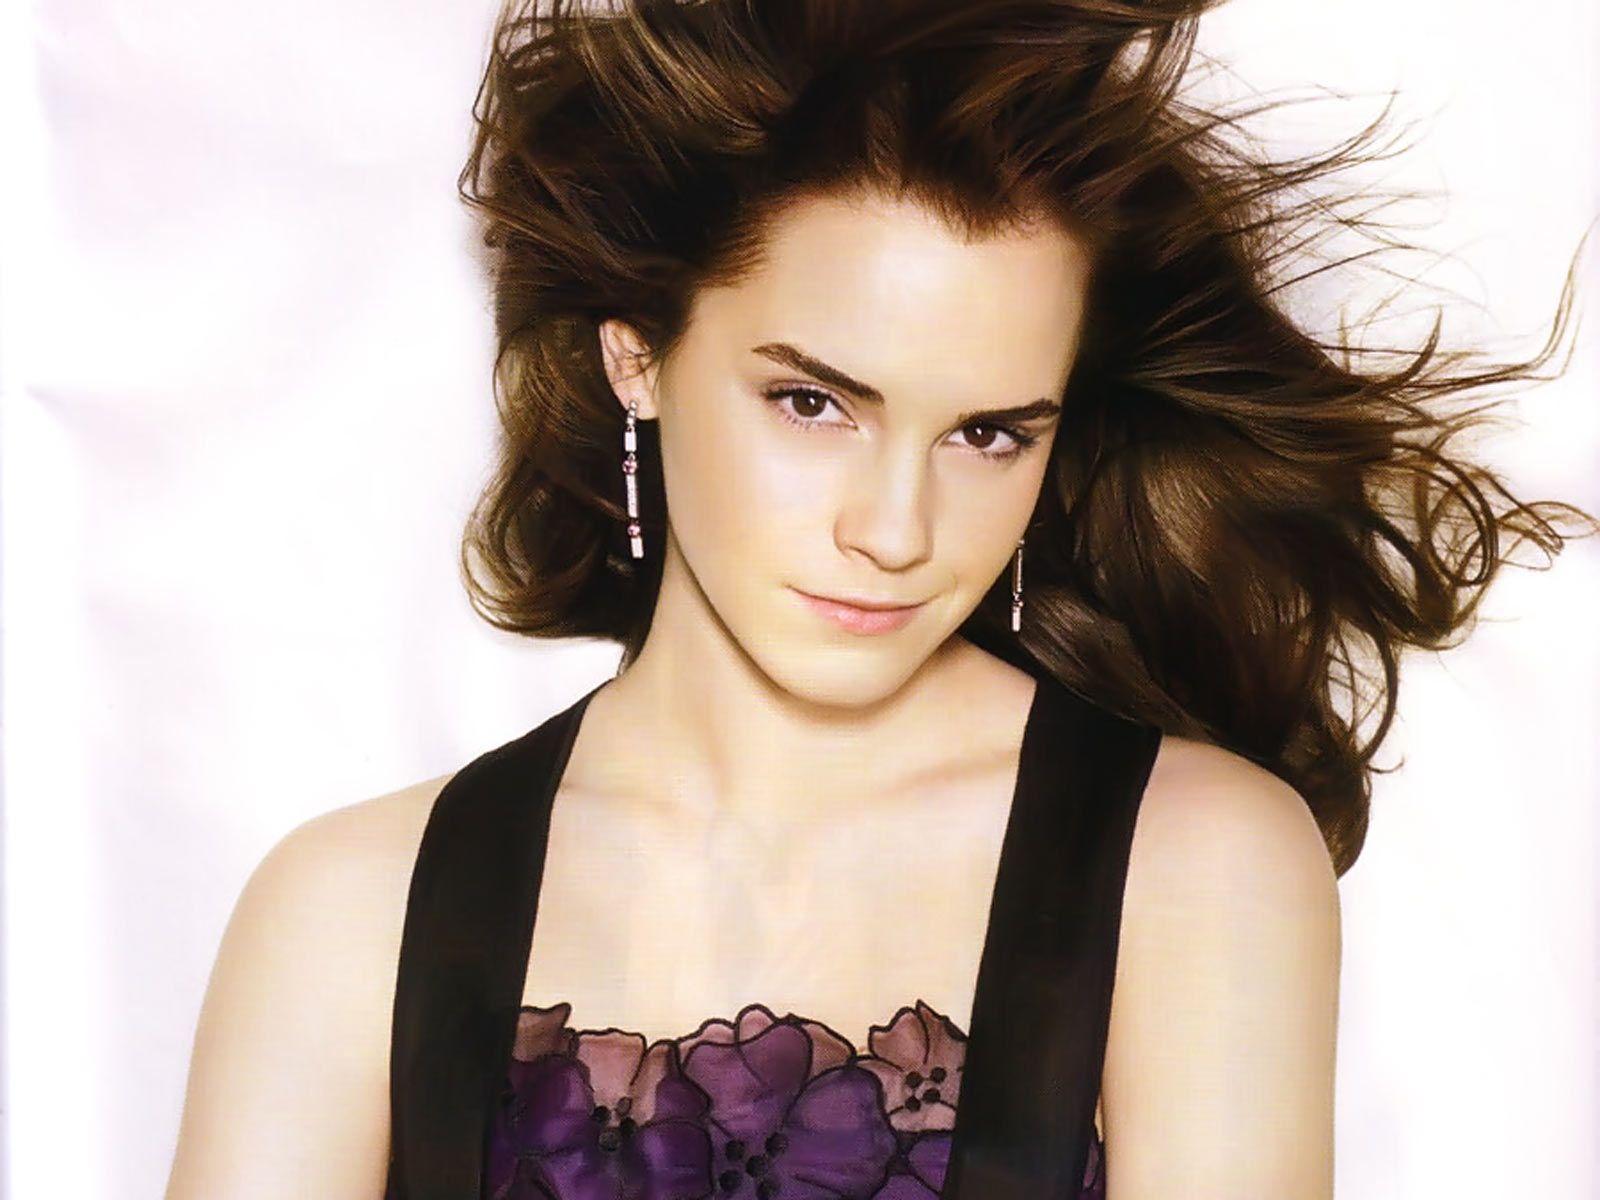 Emma Watson Emma Watson Wallpaper 25072809 Fanpop